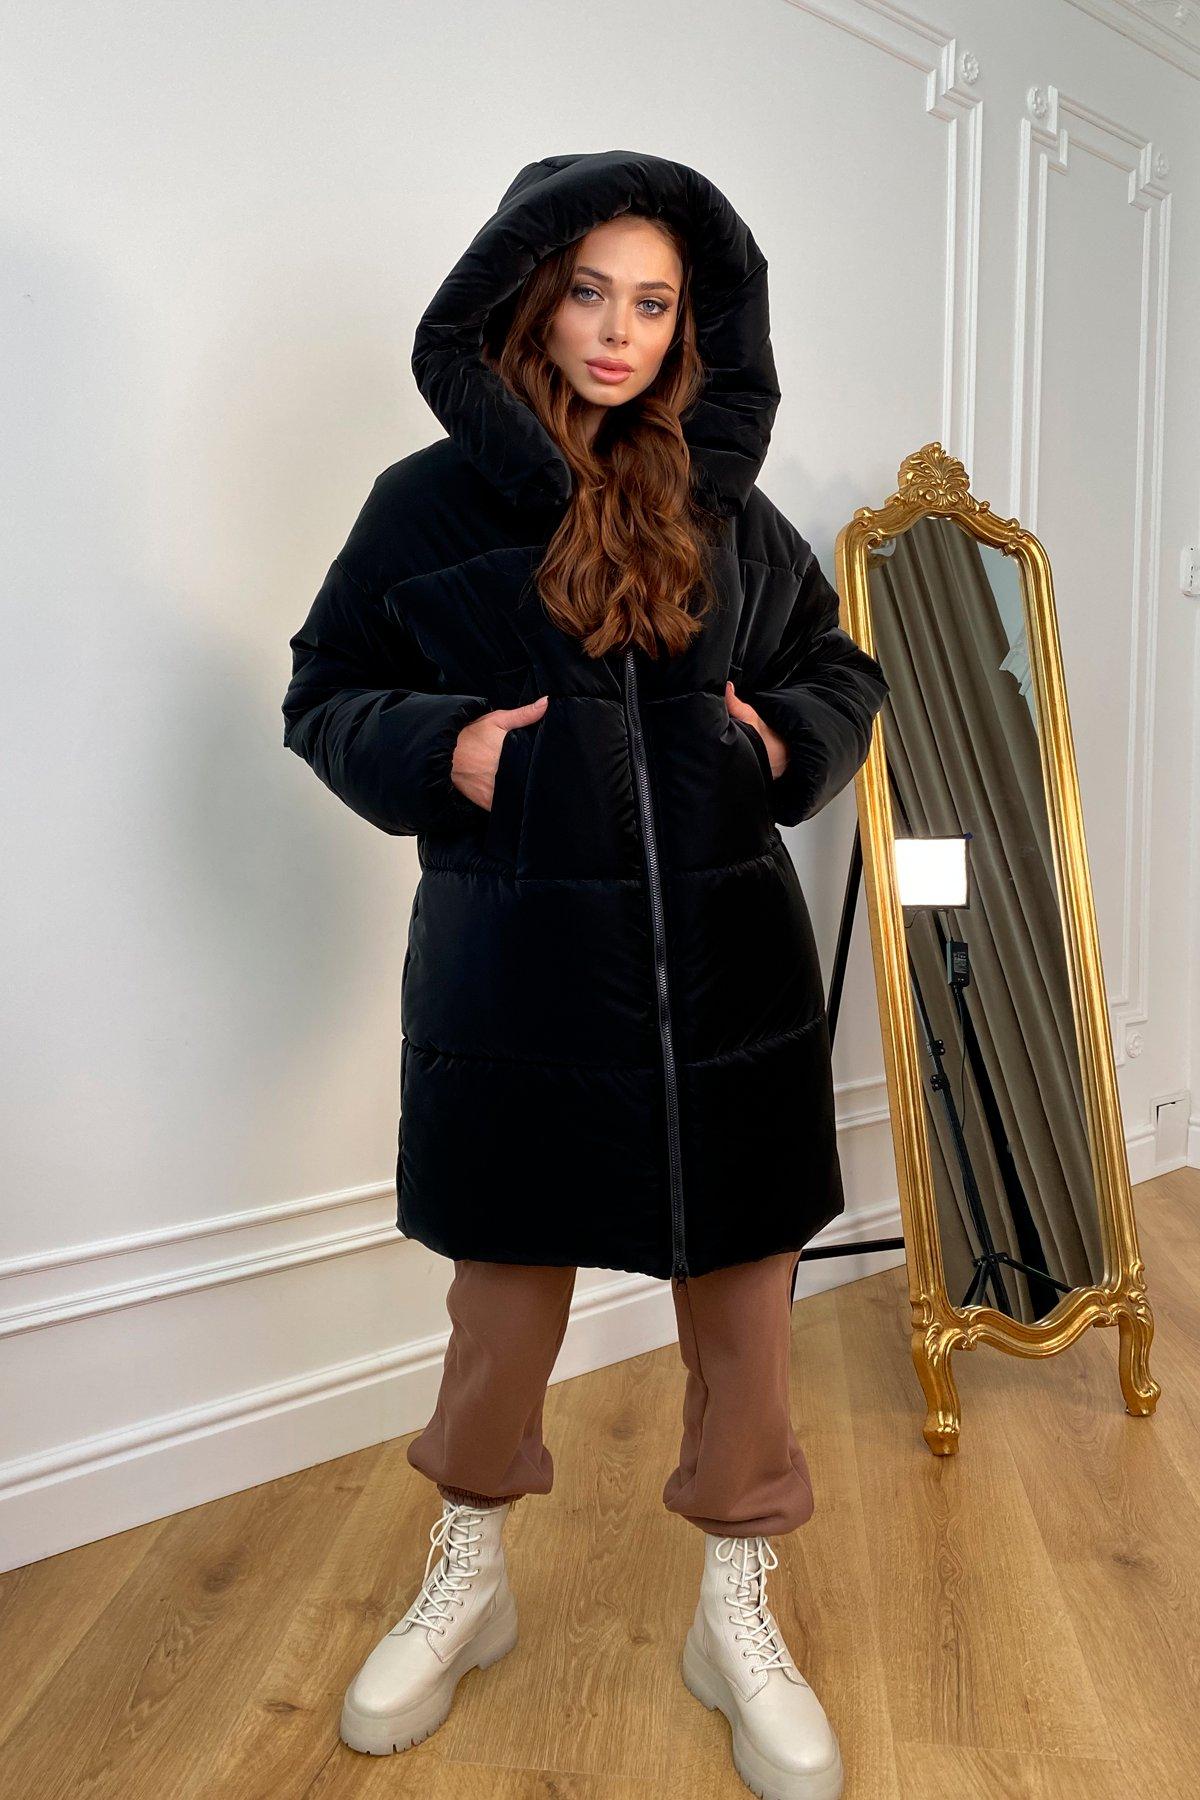 купить женский пуховик в Украине Френд плащевка бархатная пуховик 10103